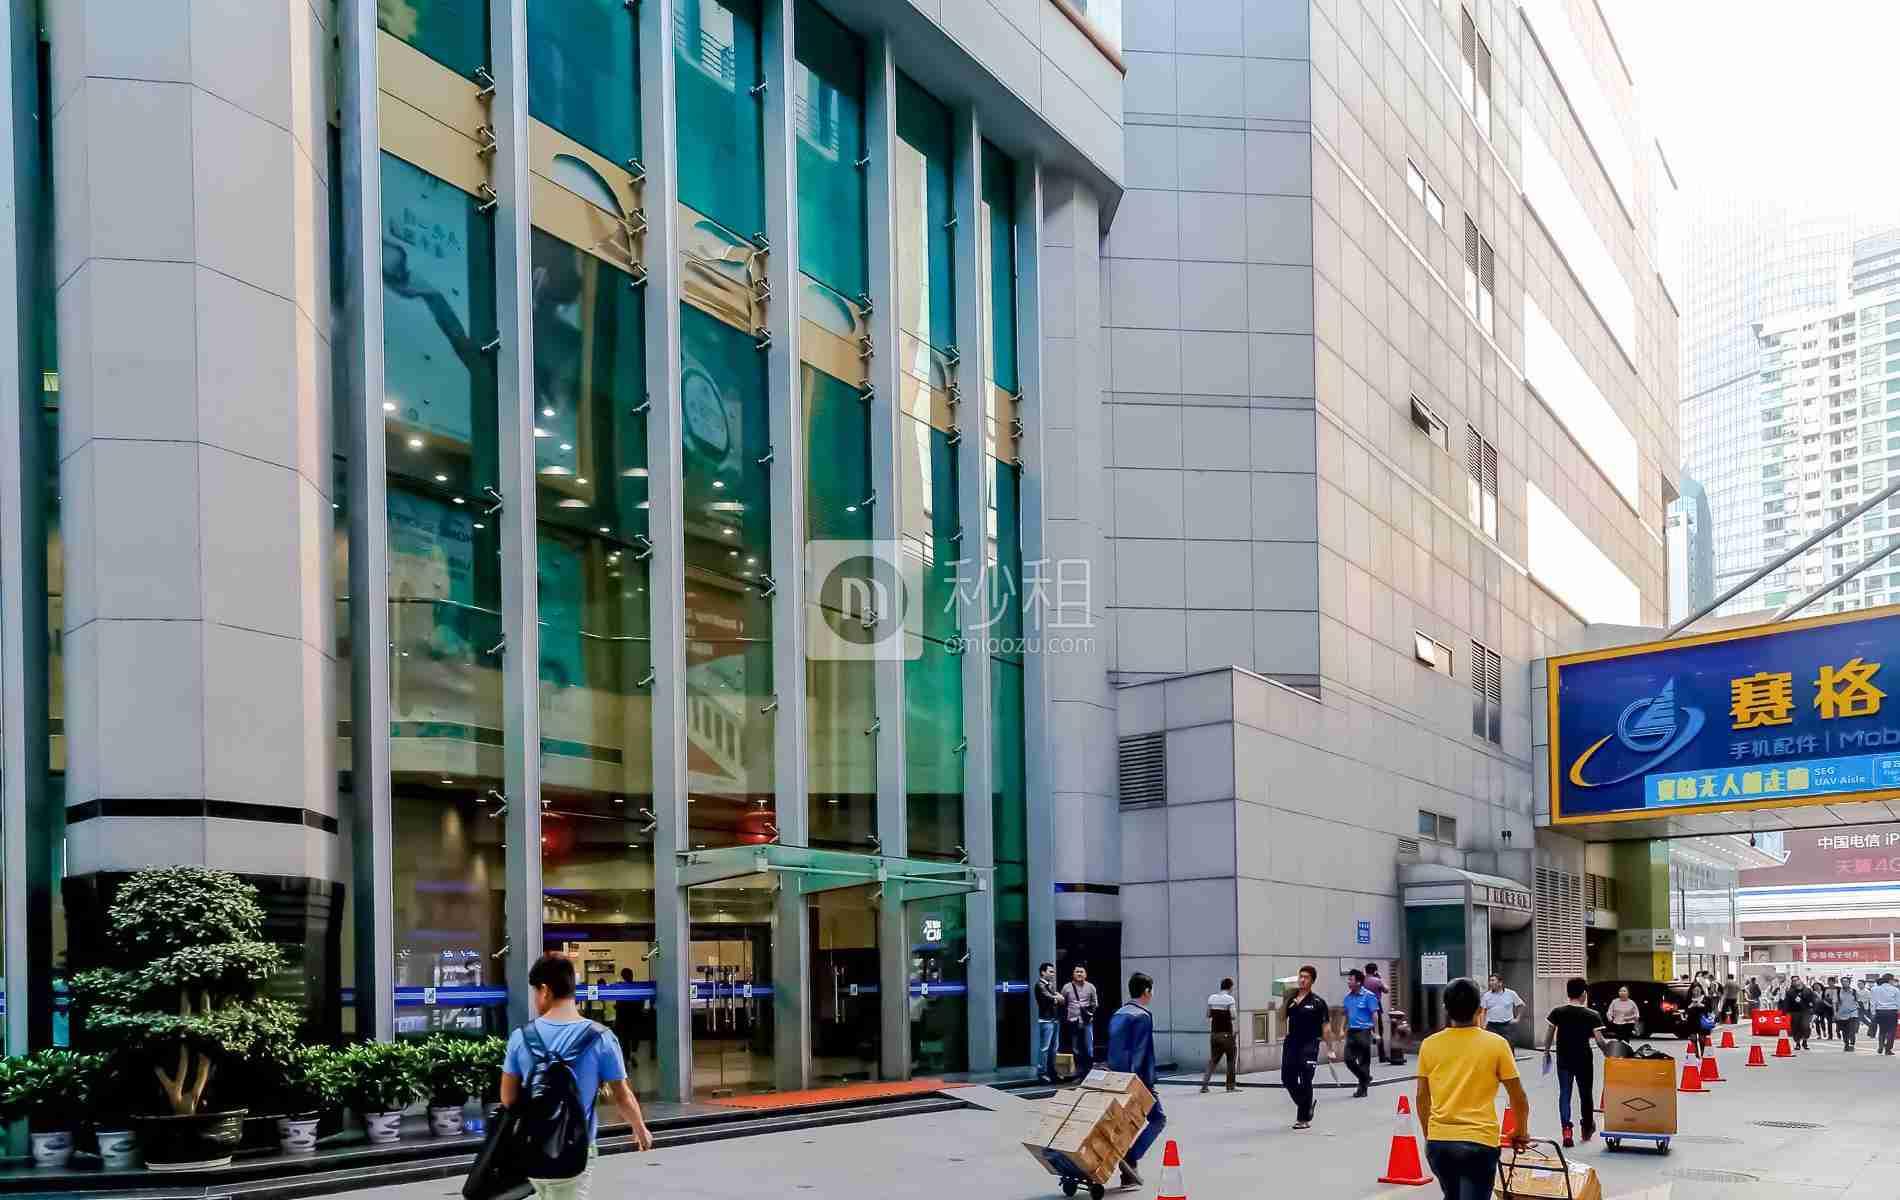 赛格广场写字楼出租/招租/租赁,赛格广场办公室出租/招租/租赁